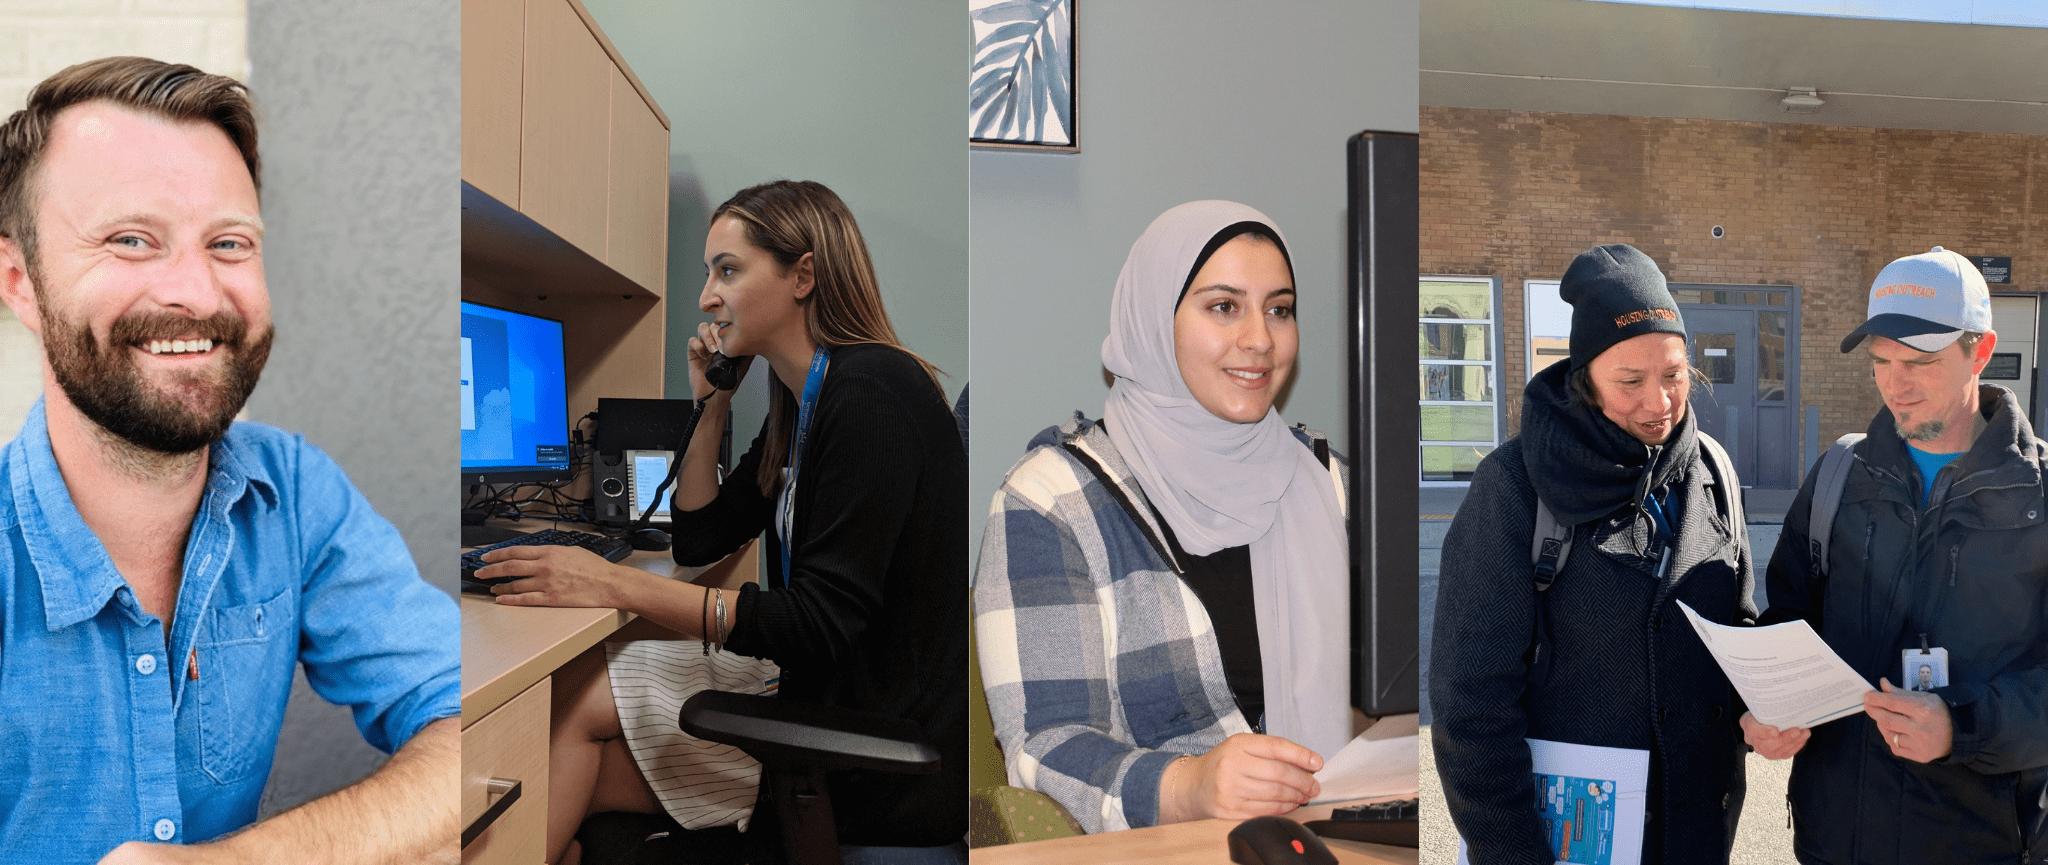 Une compilation d'images des membres du personnel SFWE effectuant diverses tâches de travail.